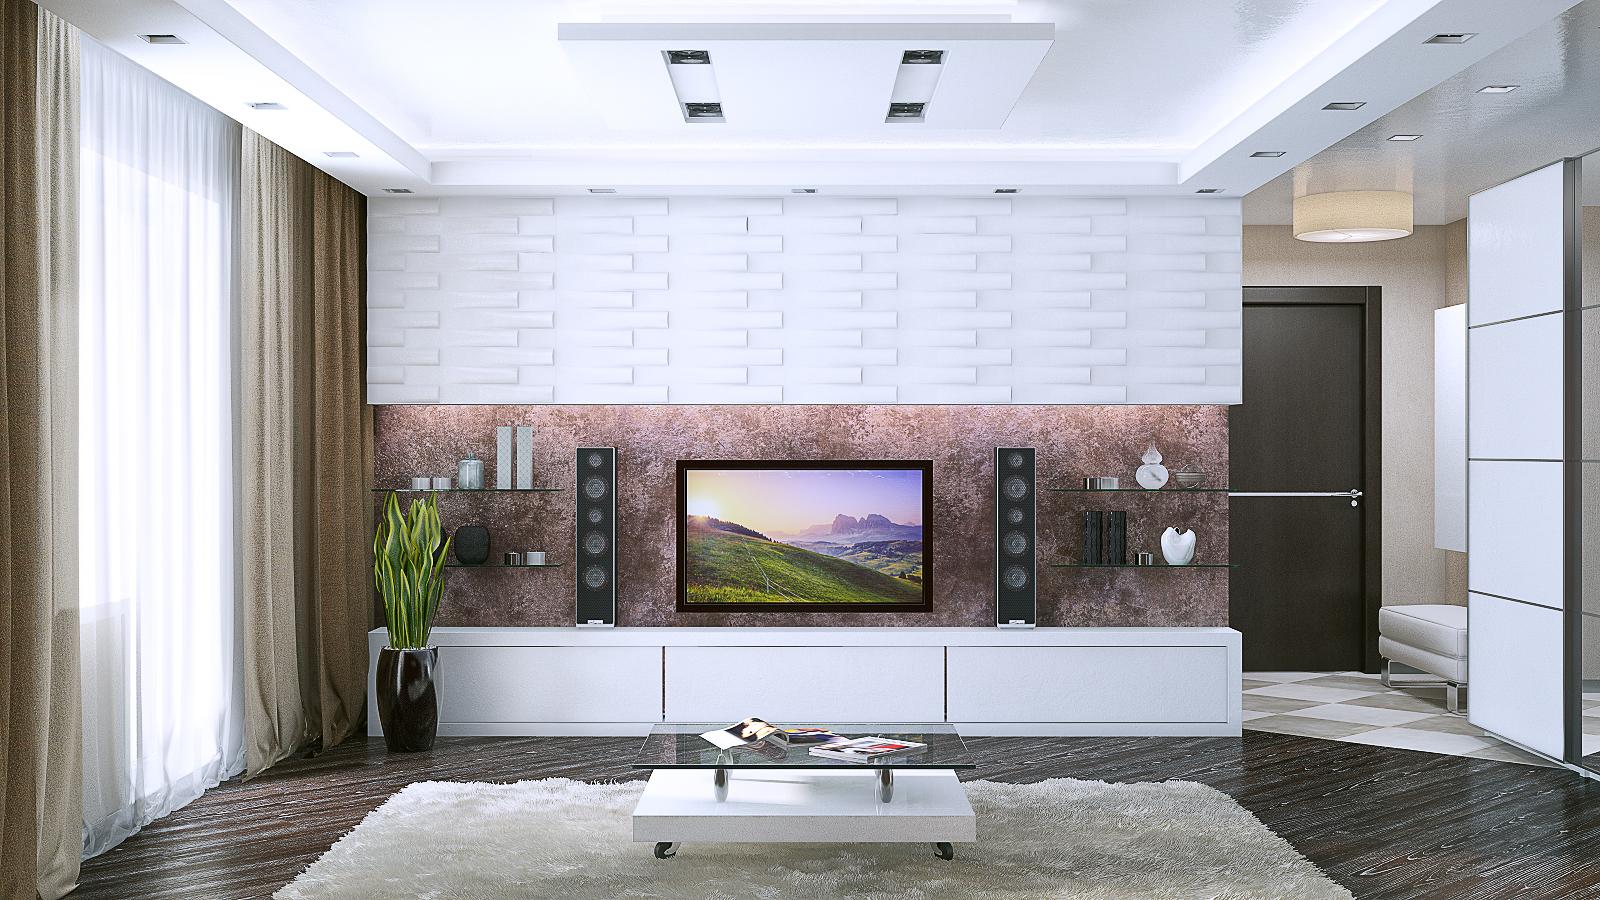 Гостиная, вид на TV зону